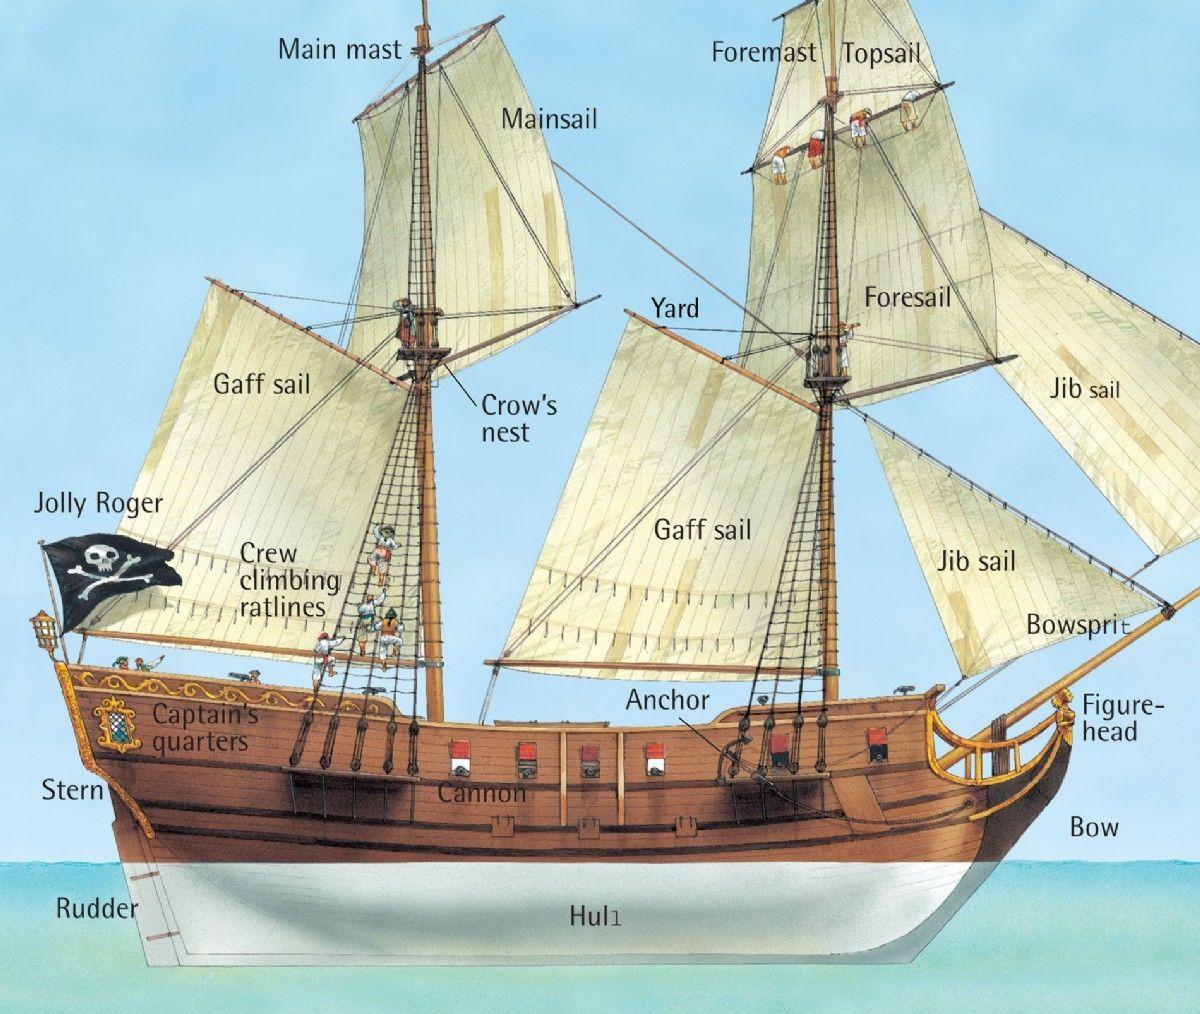 Parts Of A Pirate Ship Diagram Mitsubishi Magna Radio Wiring Inside Q Files Encyclopedia Drawing